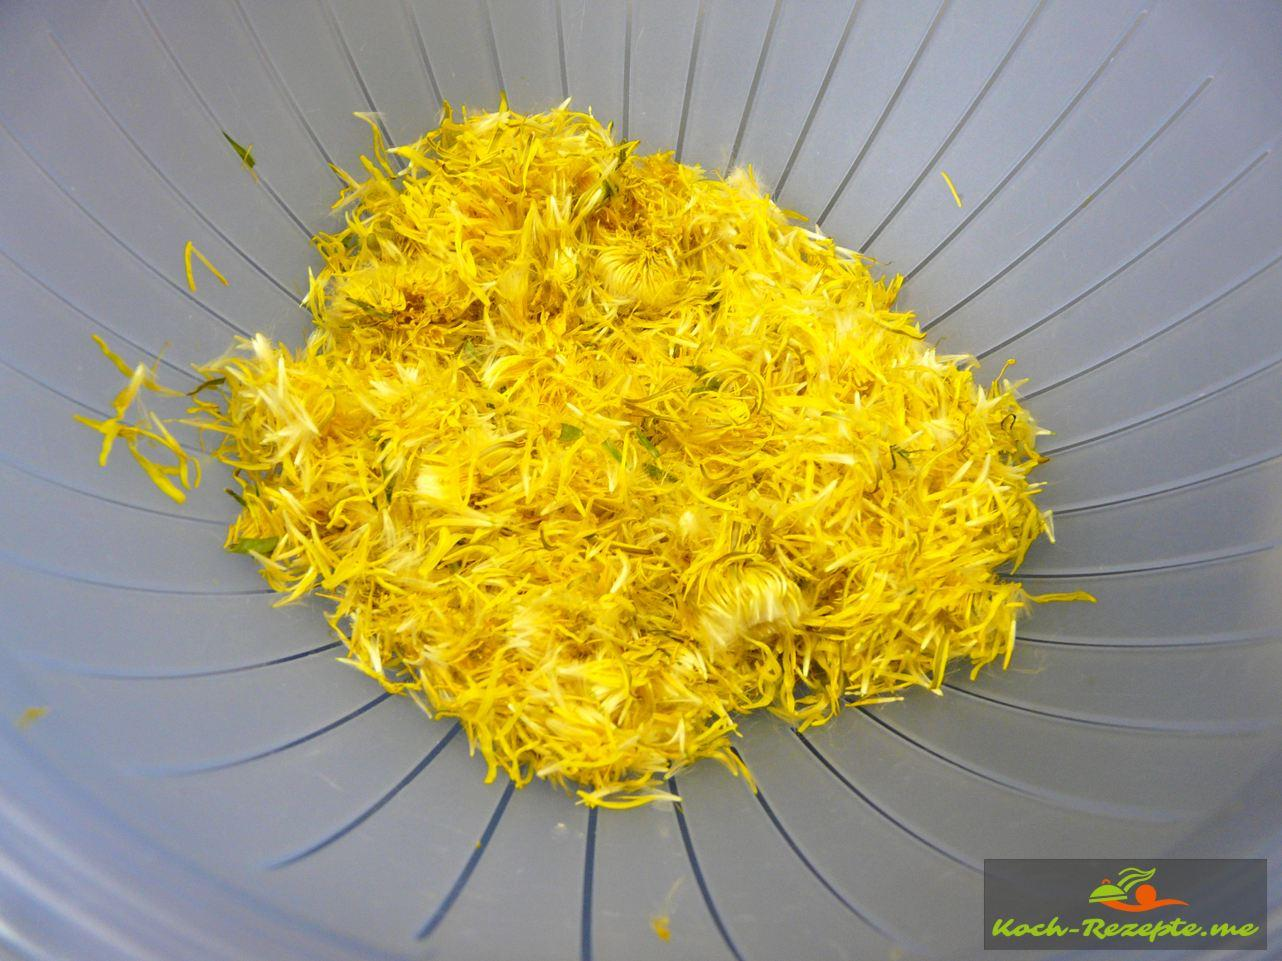 Die abgezupften Blüten des Löwenzahn Bio Löwenzahn-Safran Gelee.